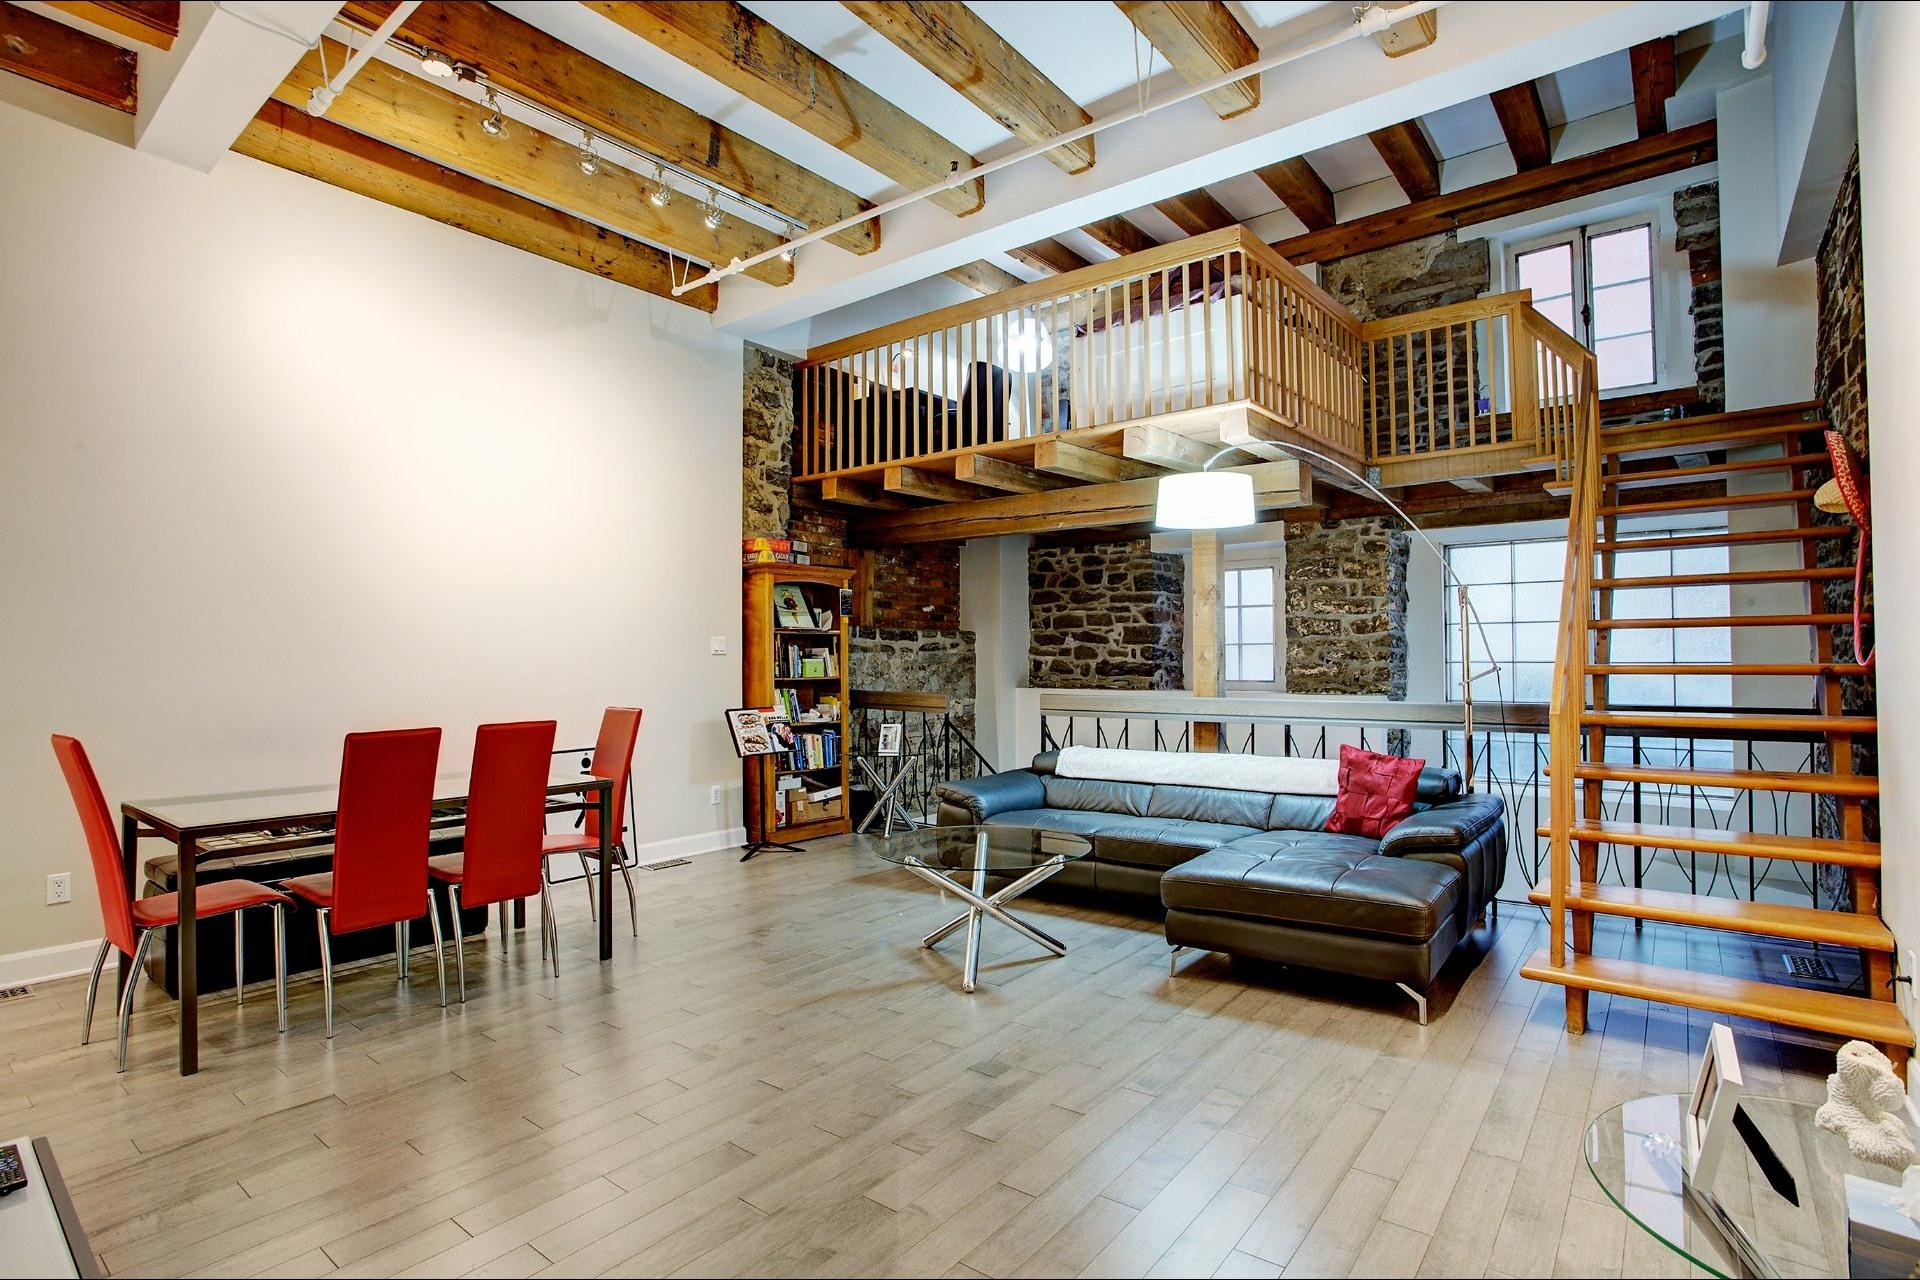 image 5 - Appartement À louer Montréal Ville-Marie  - 6 pièces